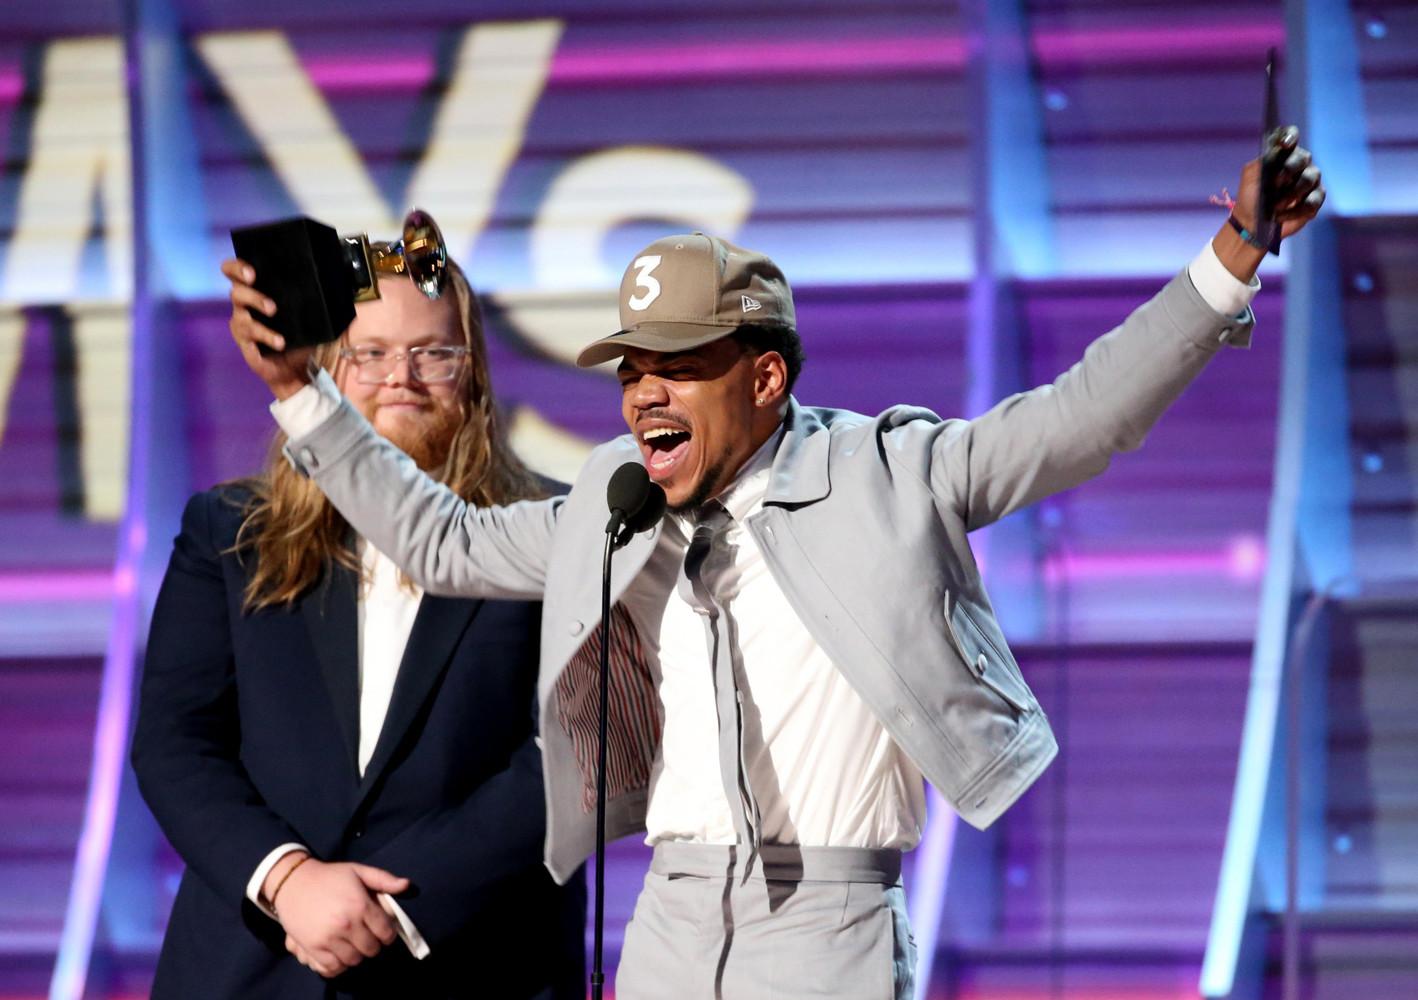 Американский хип-хоп исполнитель, выступающий под псевдонимом Chance the Rapper, стал лучшим новым исполнителем в этом стиле.